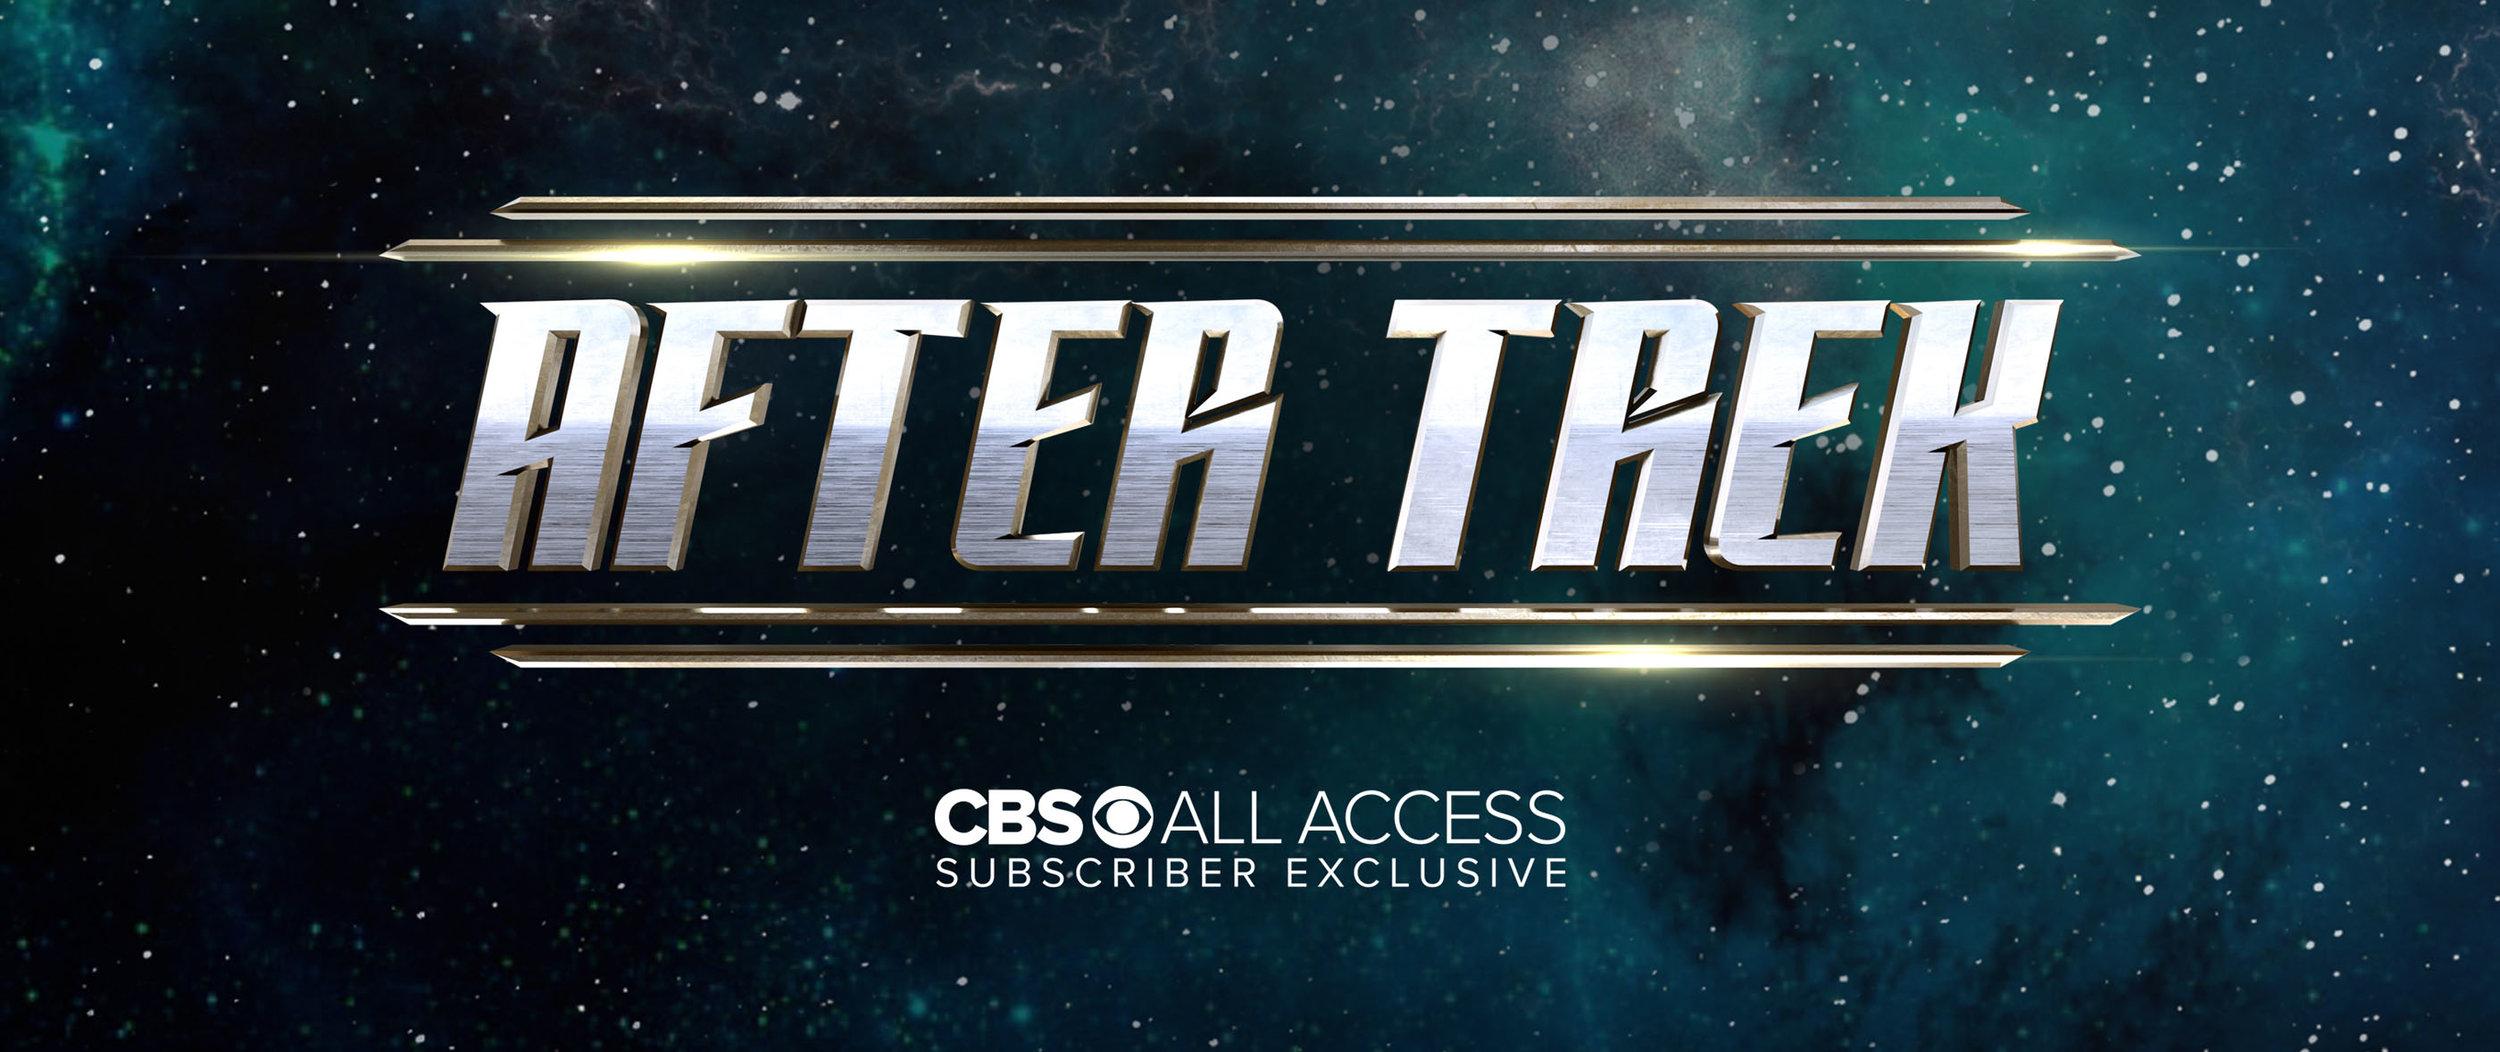 CBS_s After Trek (1).jpg